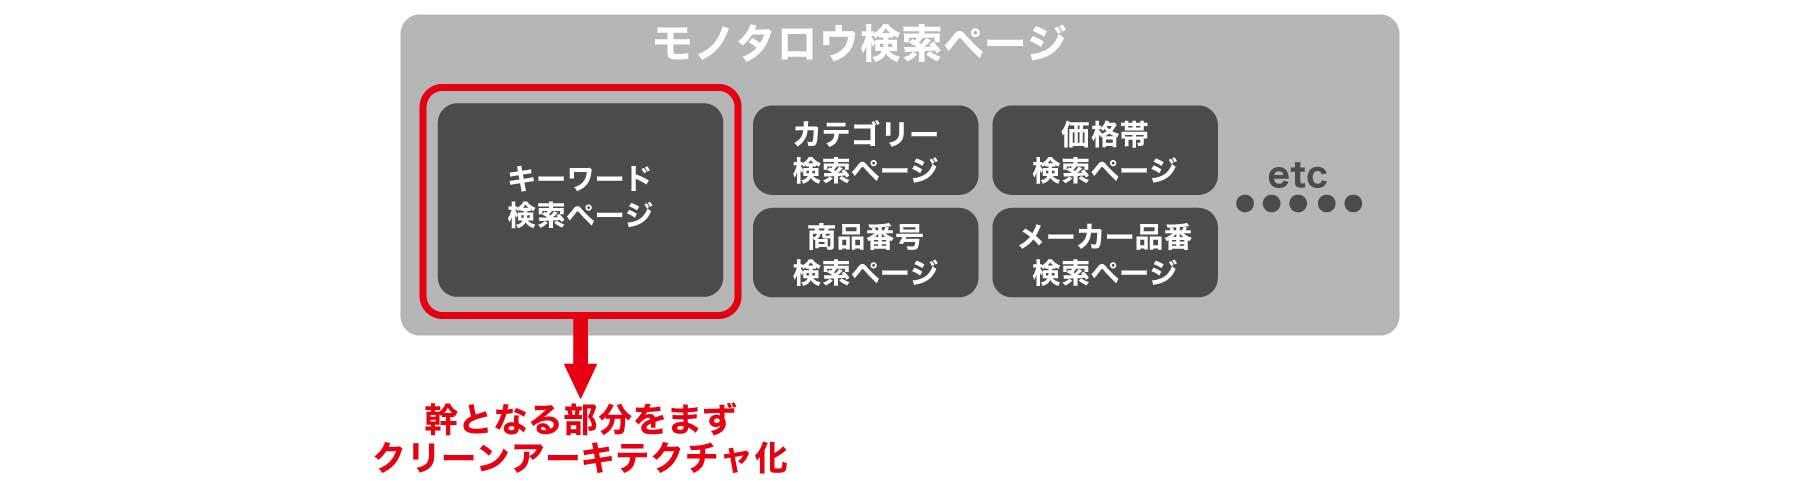 クリーンアーキテクチャ図版1